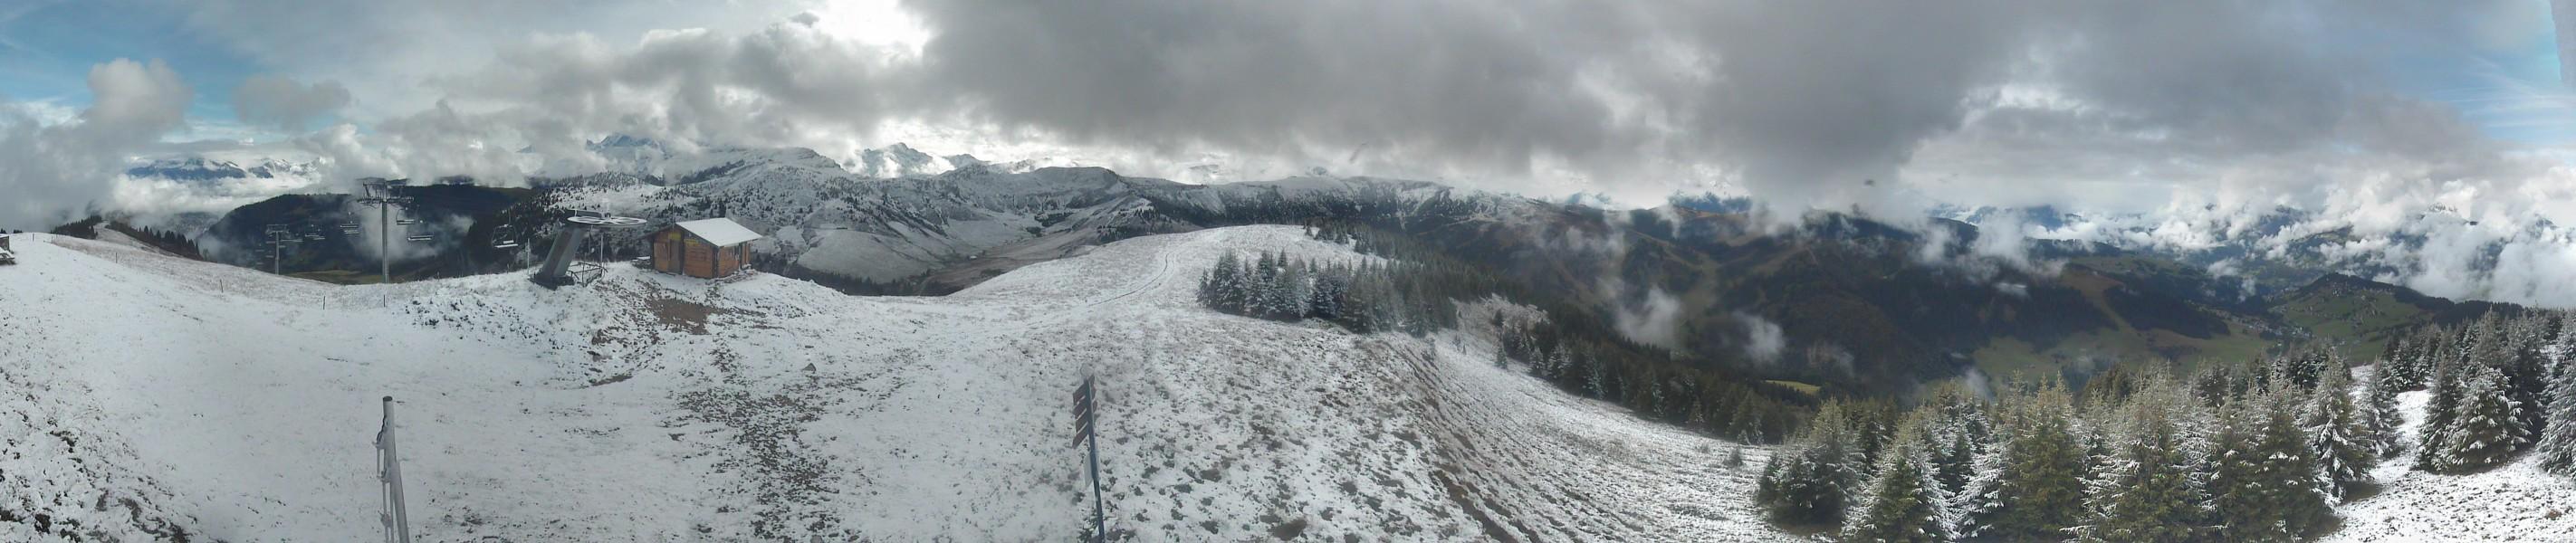 Ambiance blanche plus importante sur les sommets du Val d'Arly : Ban Rouge, BasseCombe et Vorès